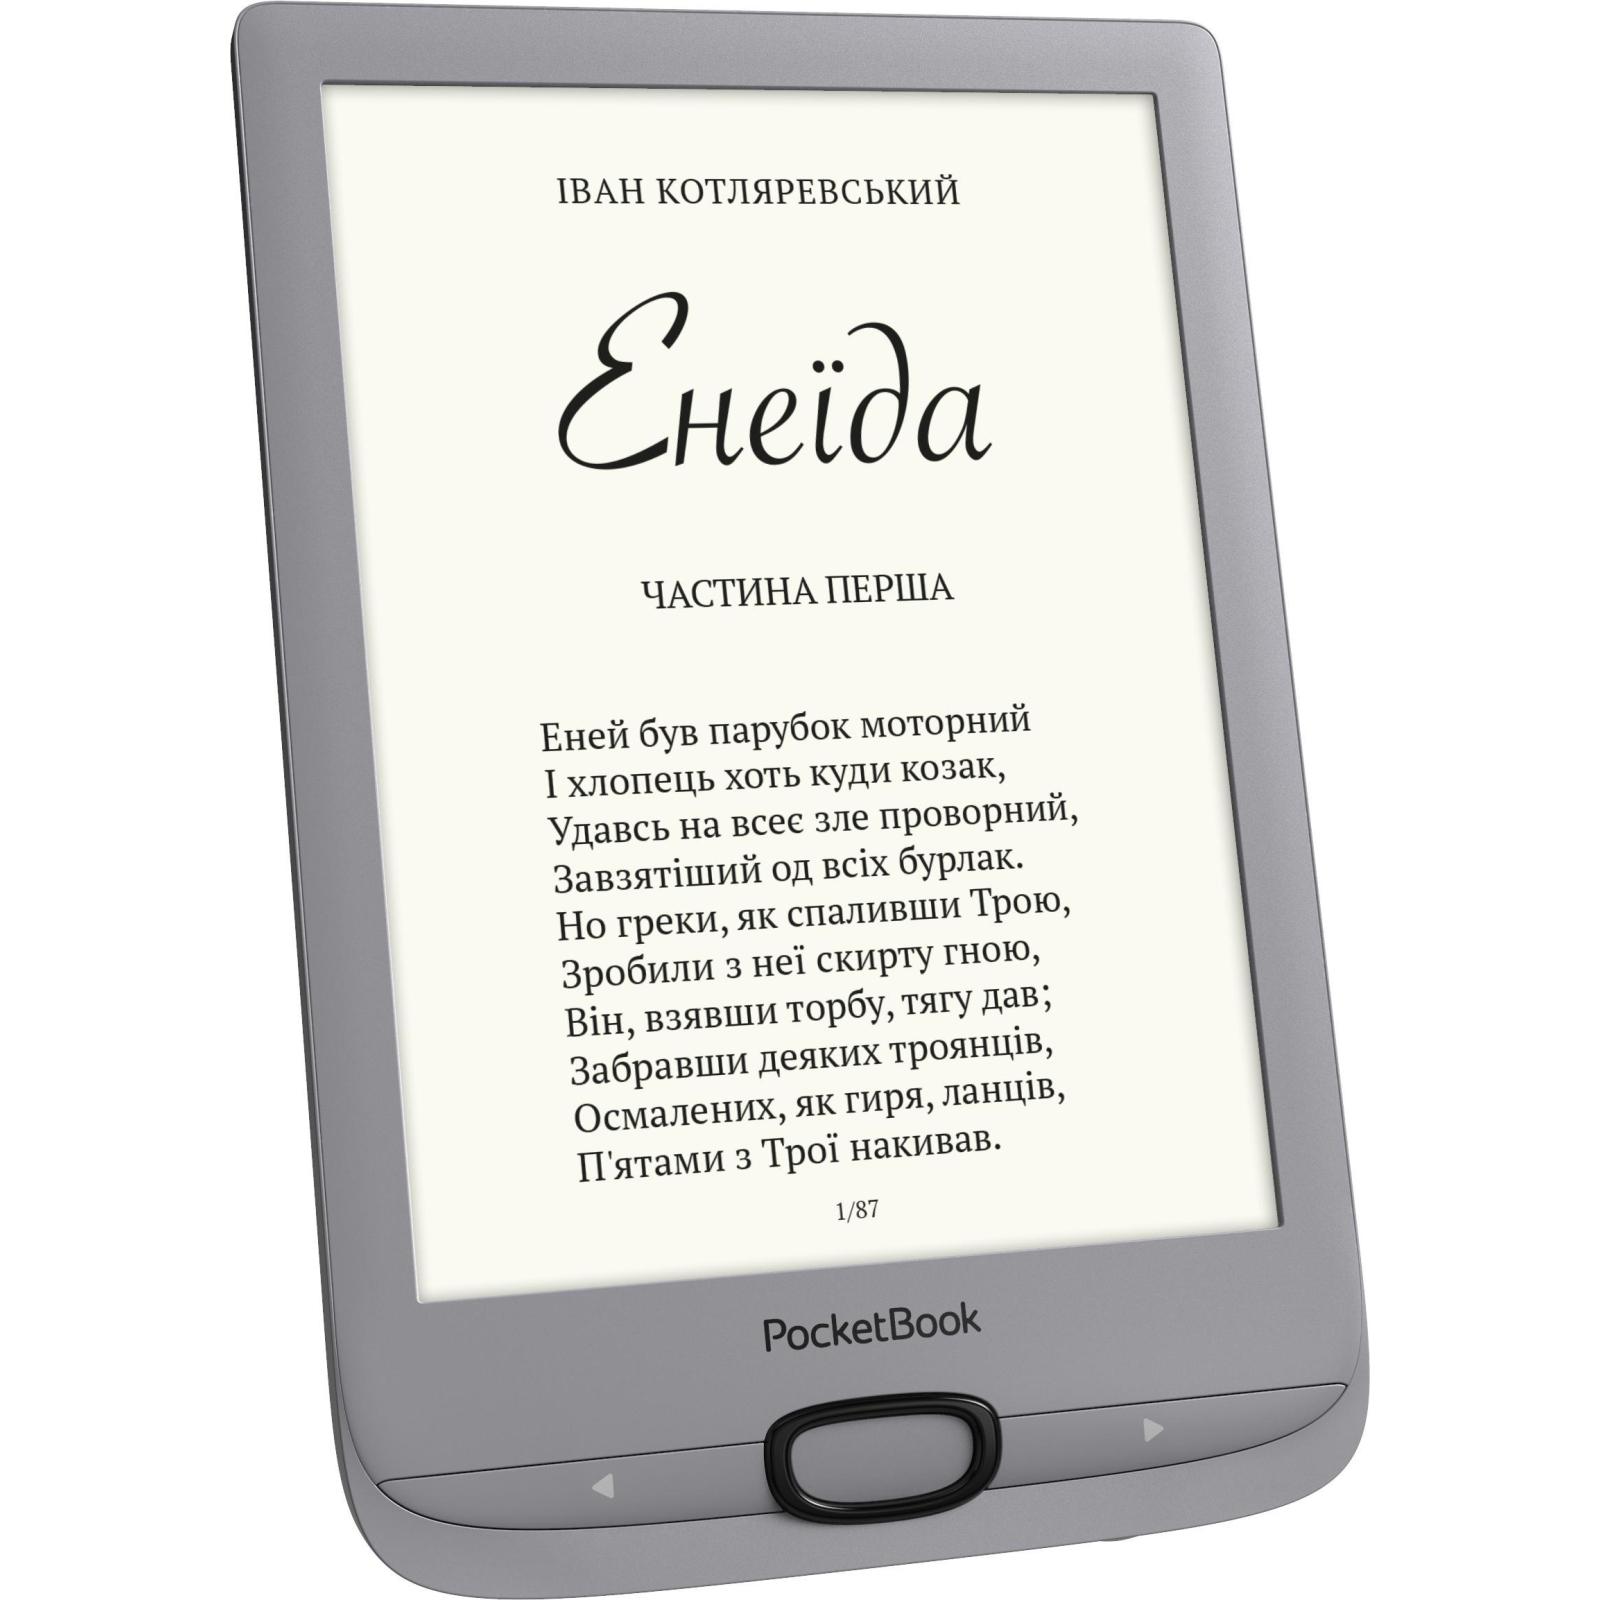 Электронная книга PocketBook 616 Basic Lux2, Silver (PB616-S-CIS) изображение 2